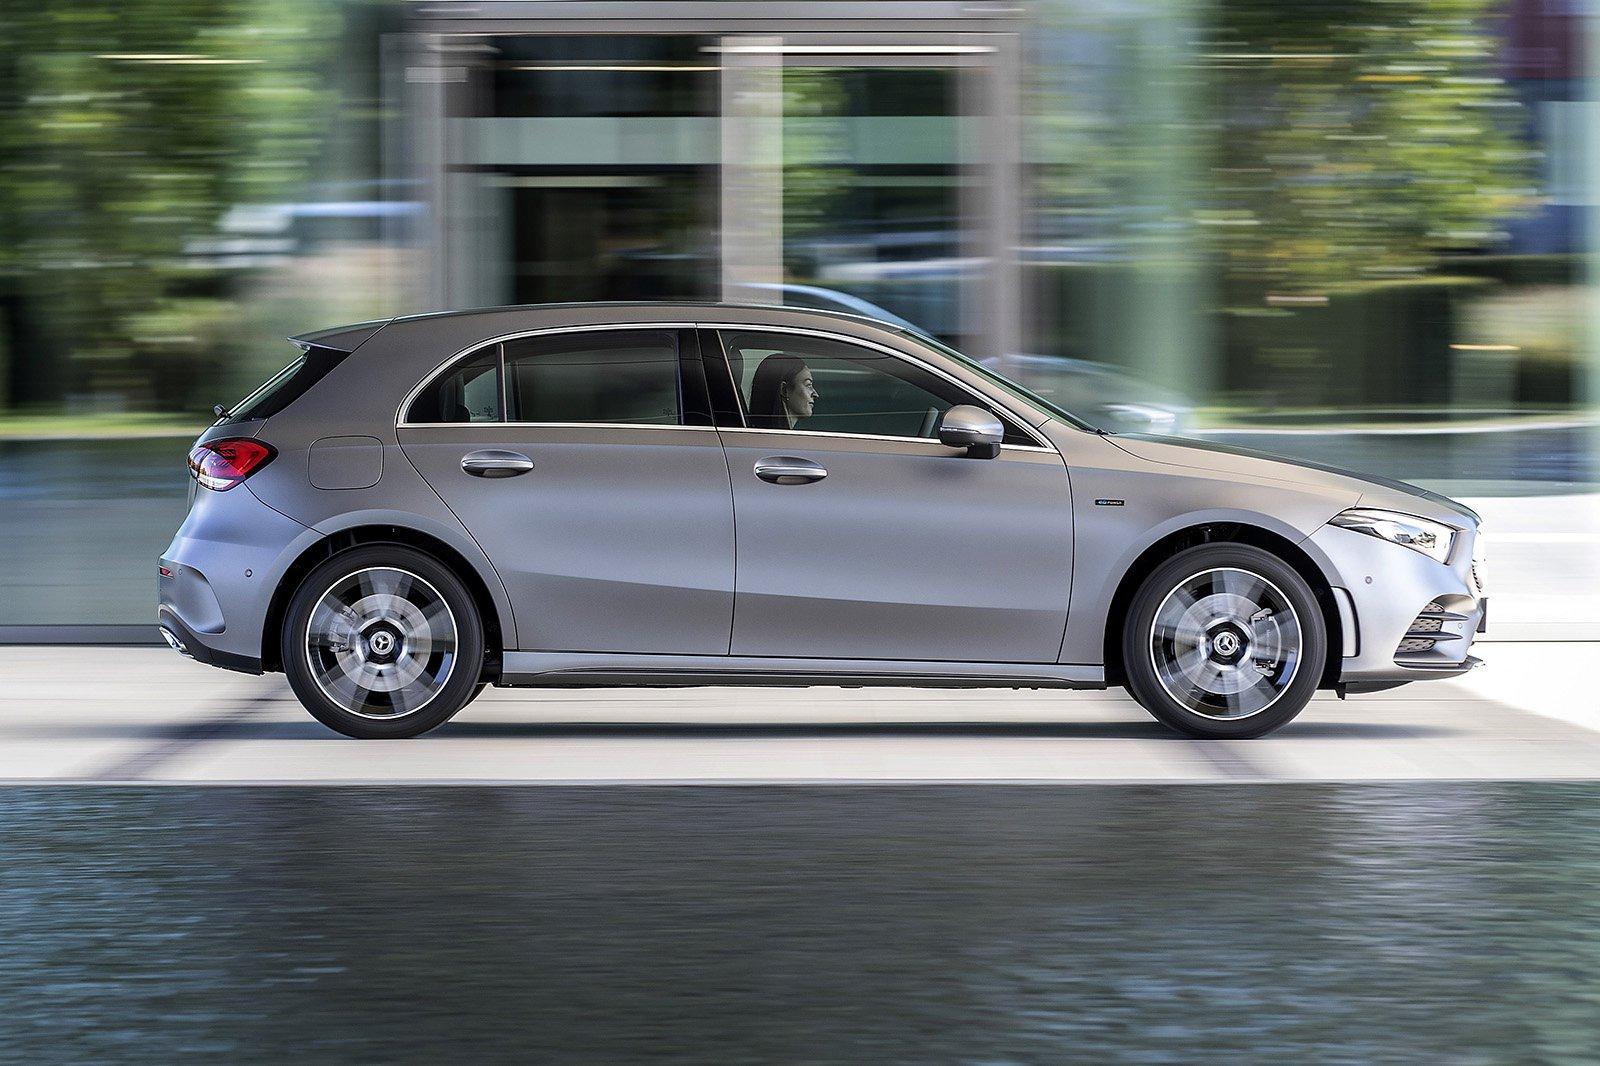 2019 mercedes a 250 e silver driving side profile